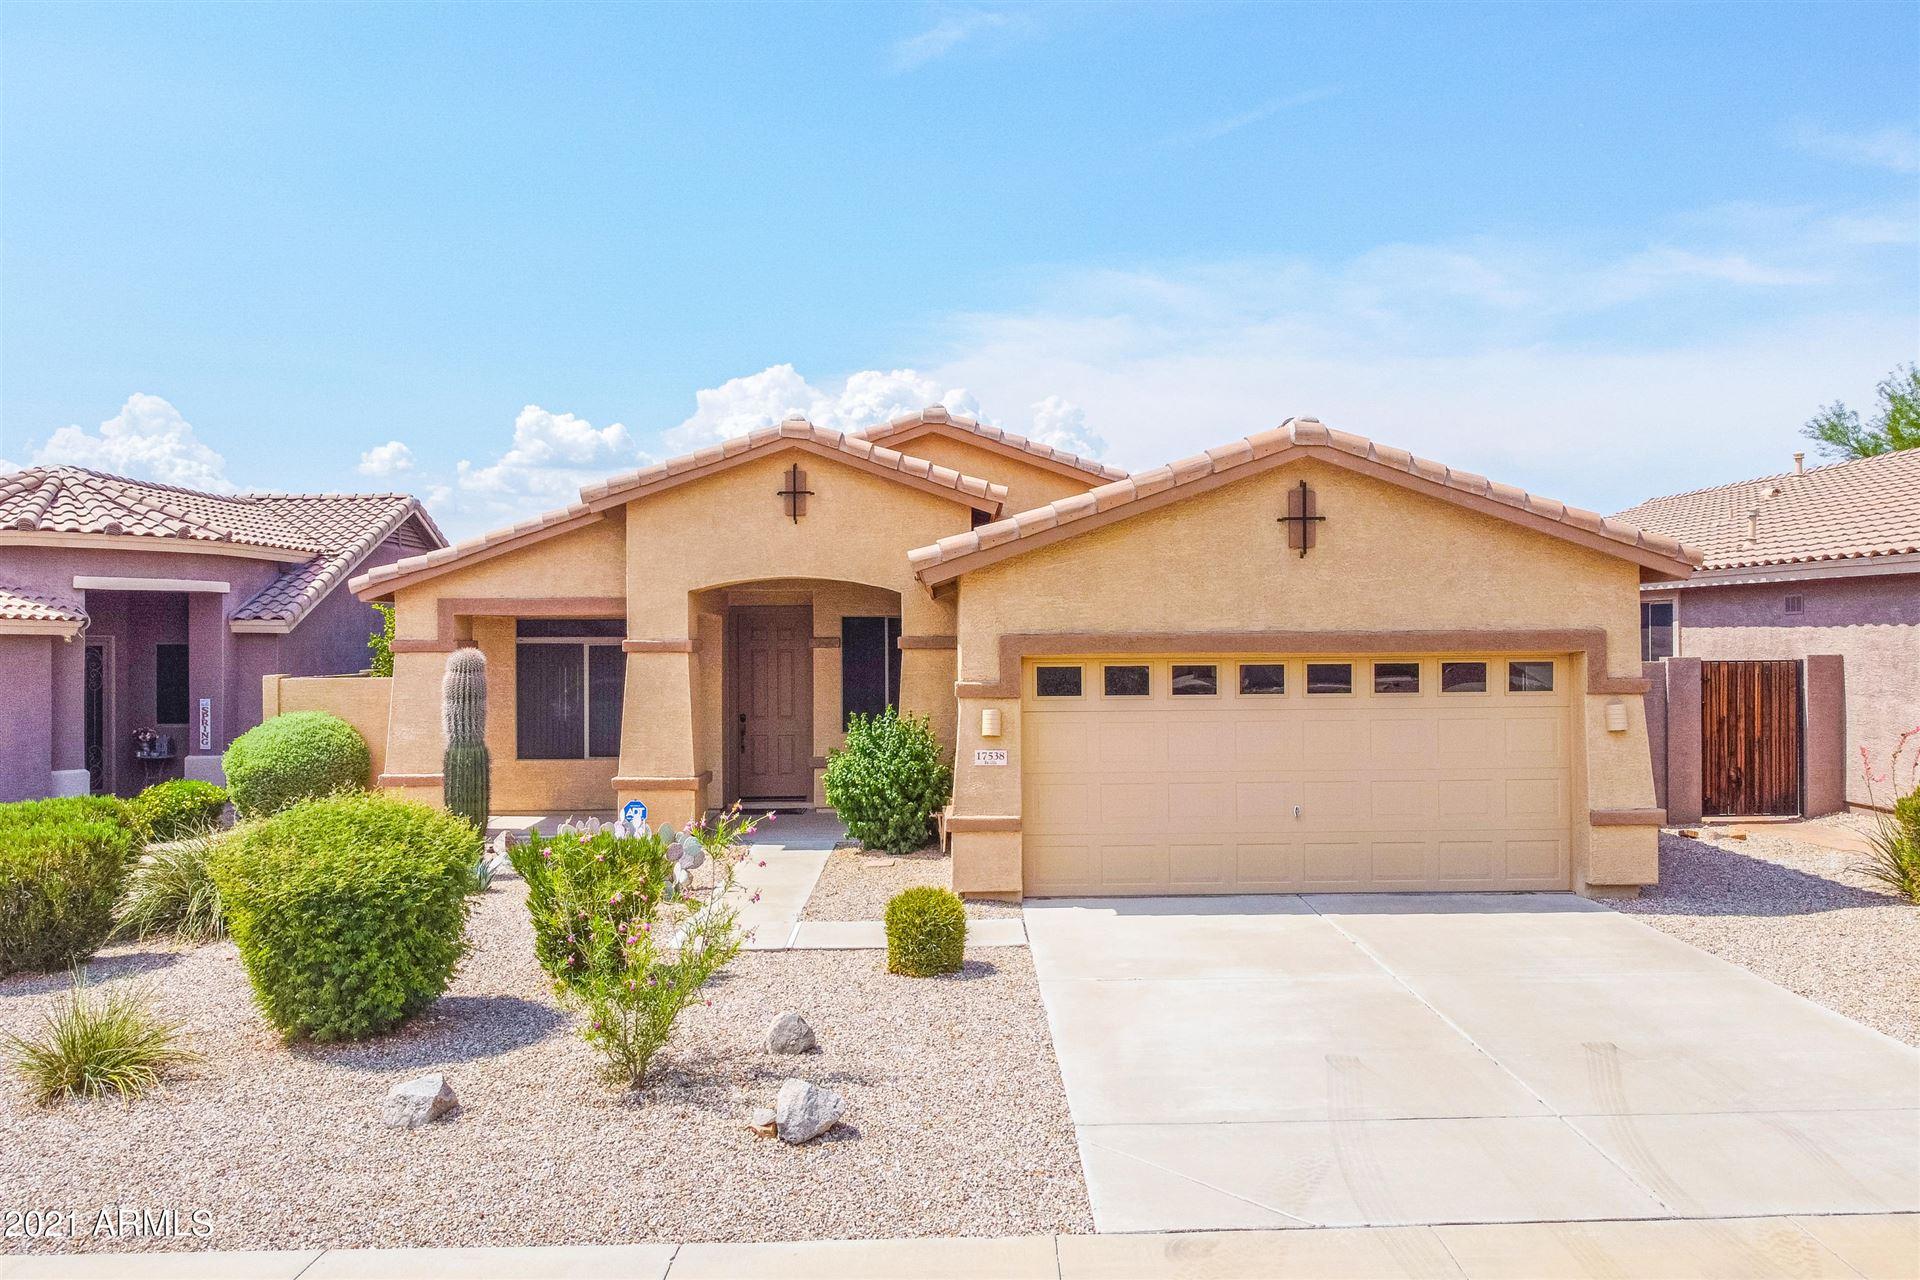 Photo of 17538 W LAVENDER Lane, Goodyear, AZ 85338 (MLS # 6268383)